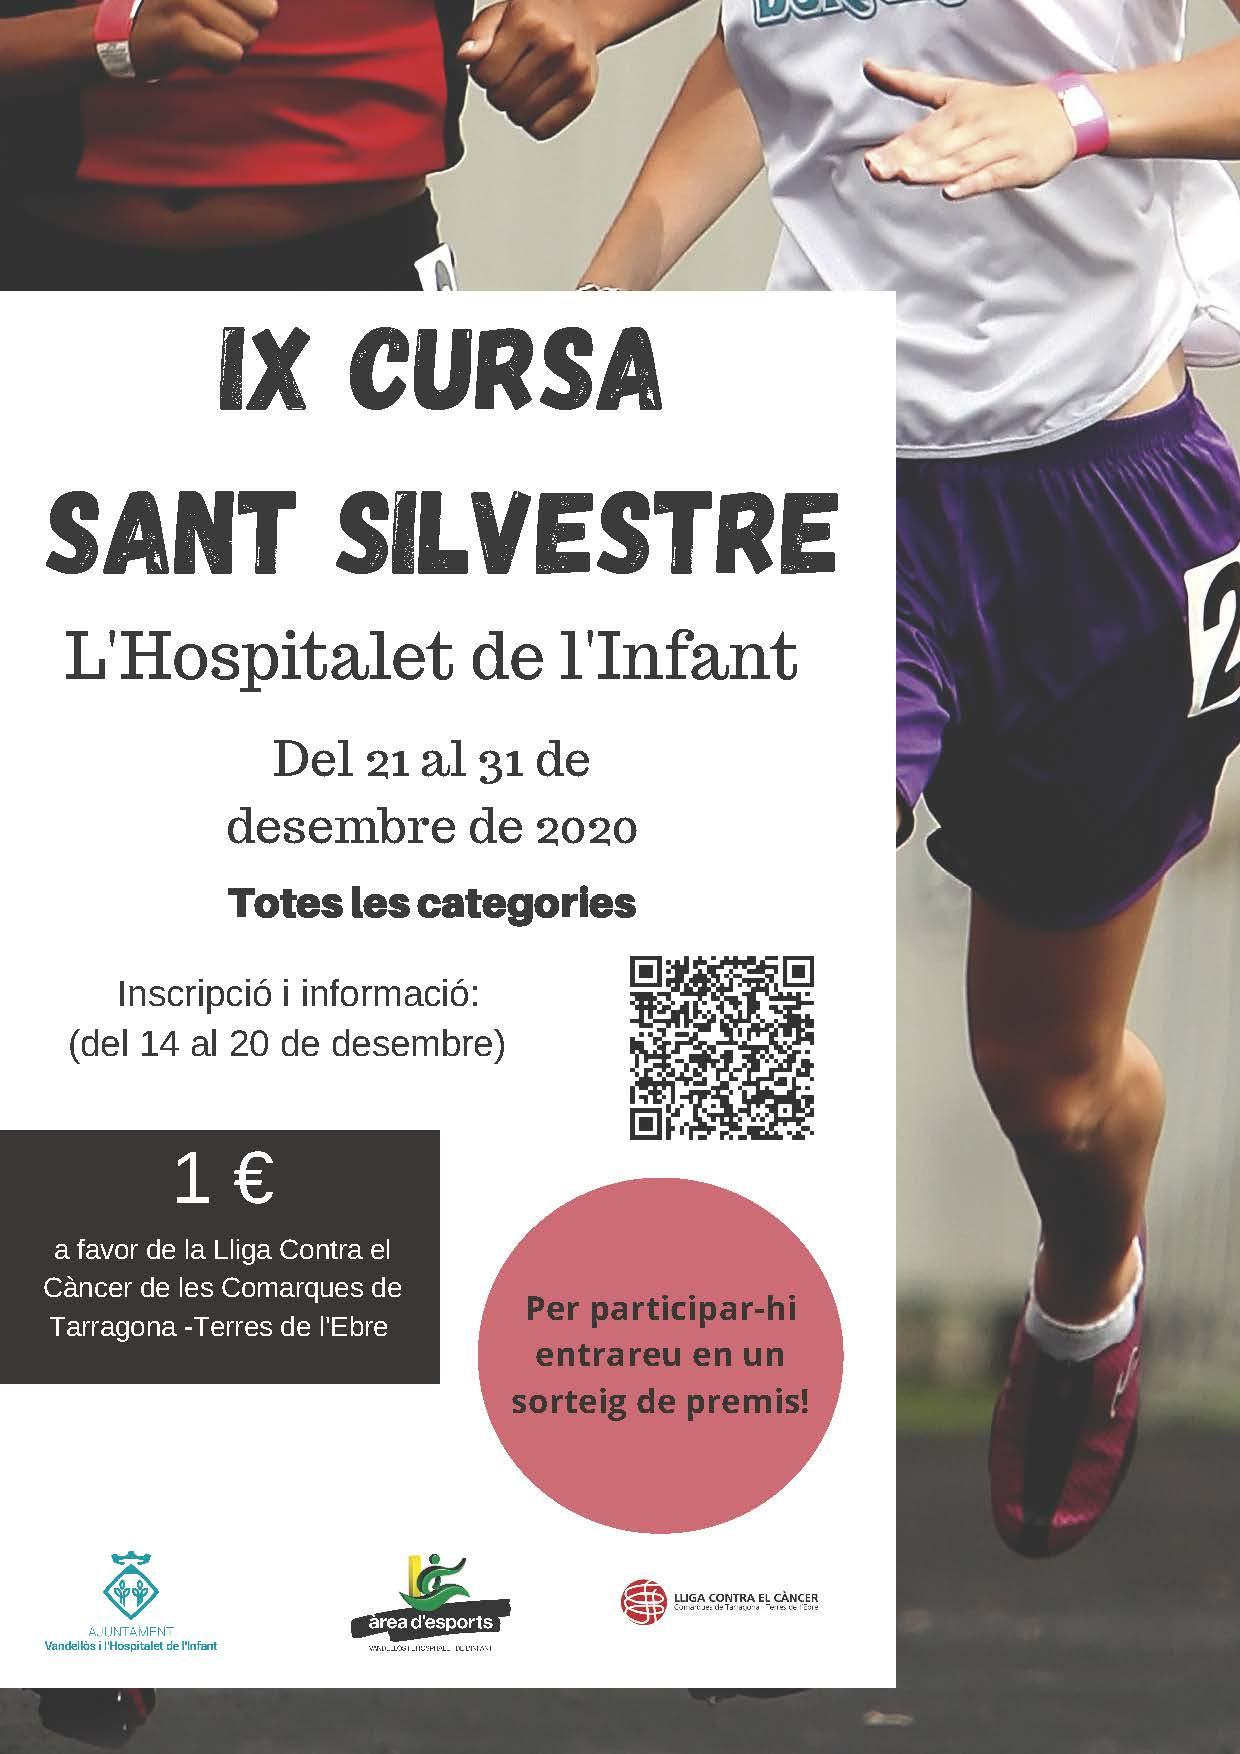 IX Cursa de Sant Silvestre de l'Hospitalet de l'Infant